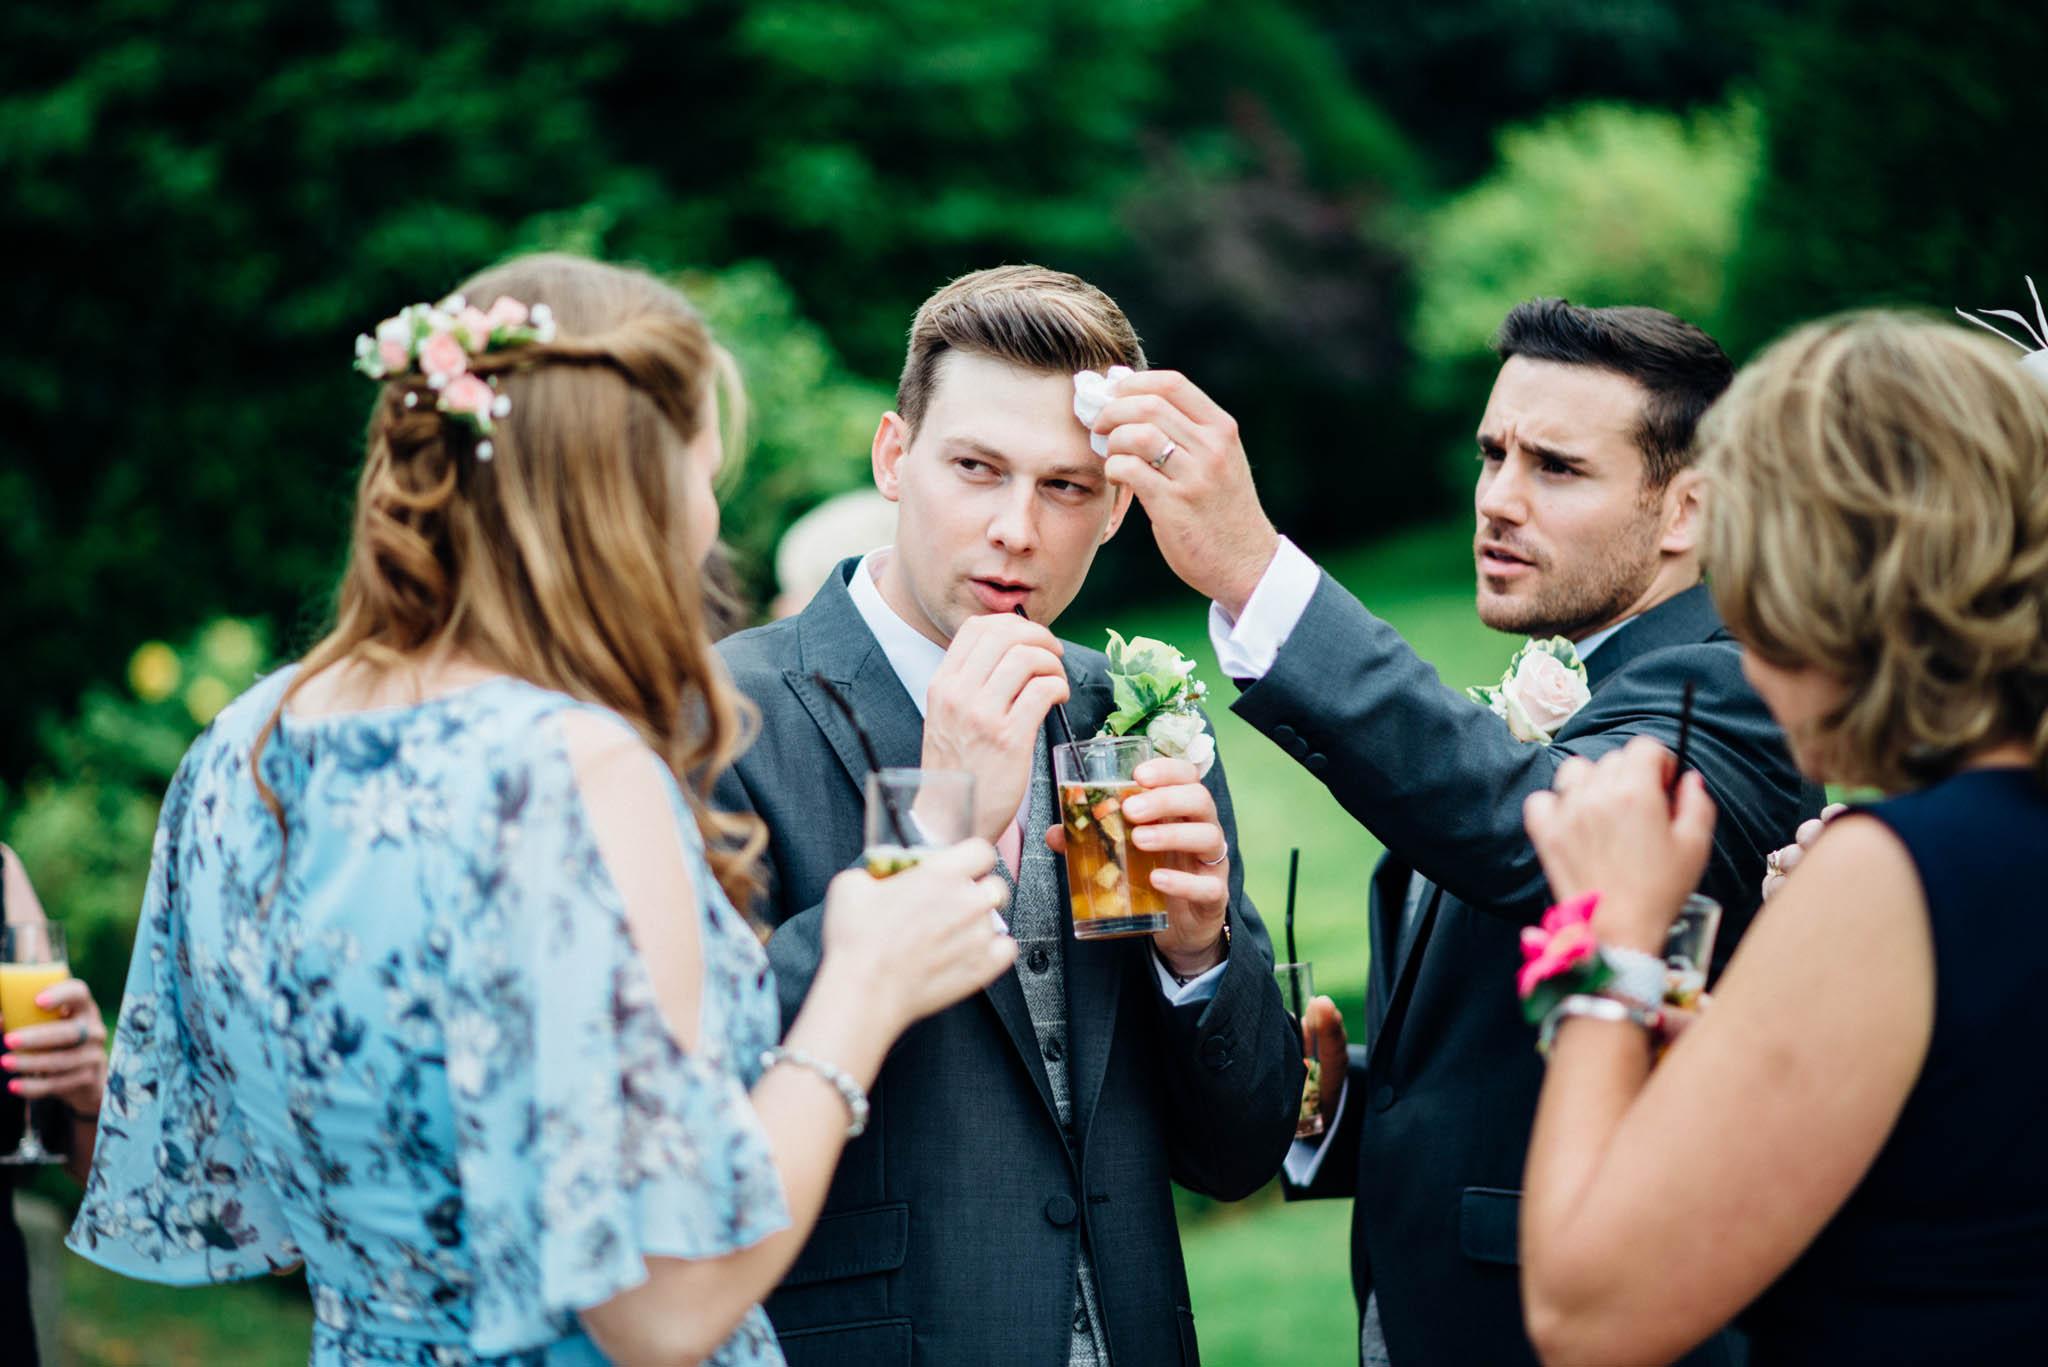 tissue-wedding-blog-scott-stockwell-photography-end-2017.jpg